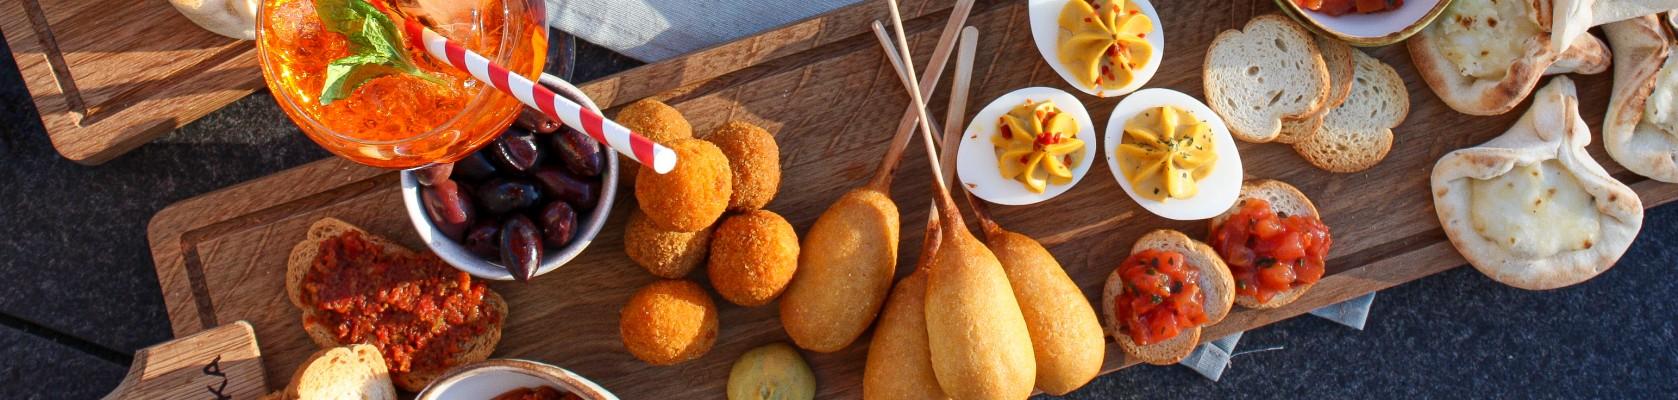 Borrelplank corndog borrelgemak aperitivo's Van Tol